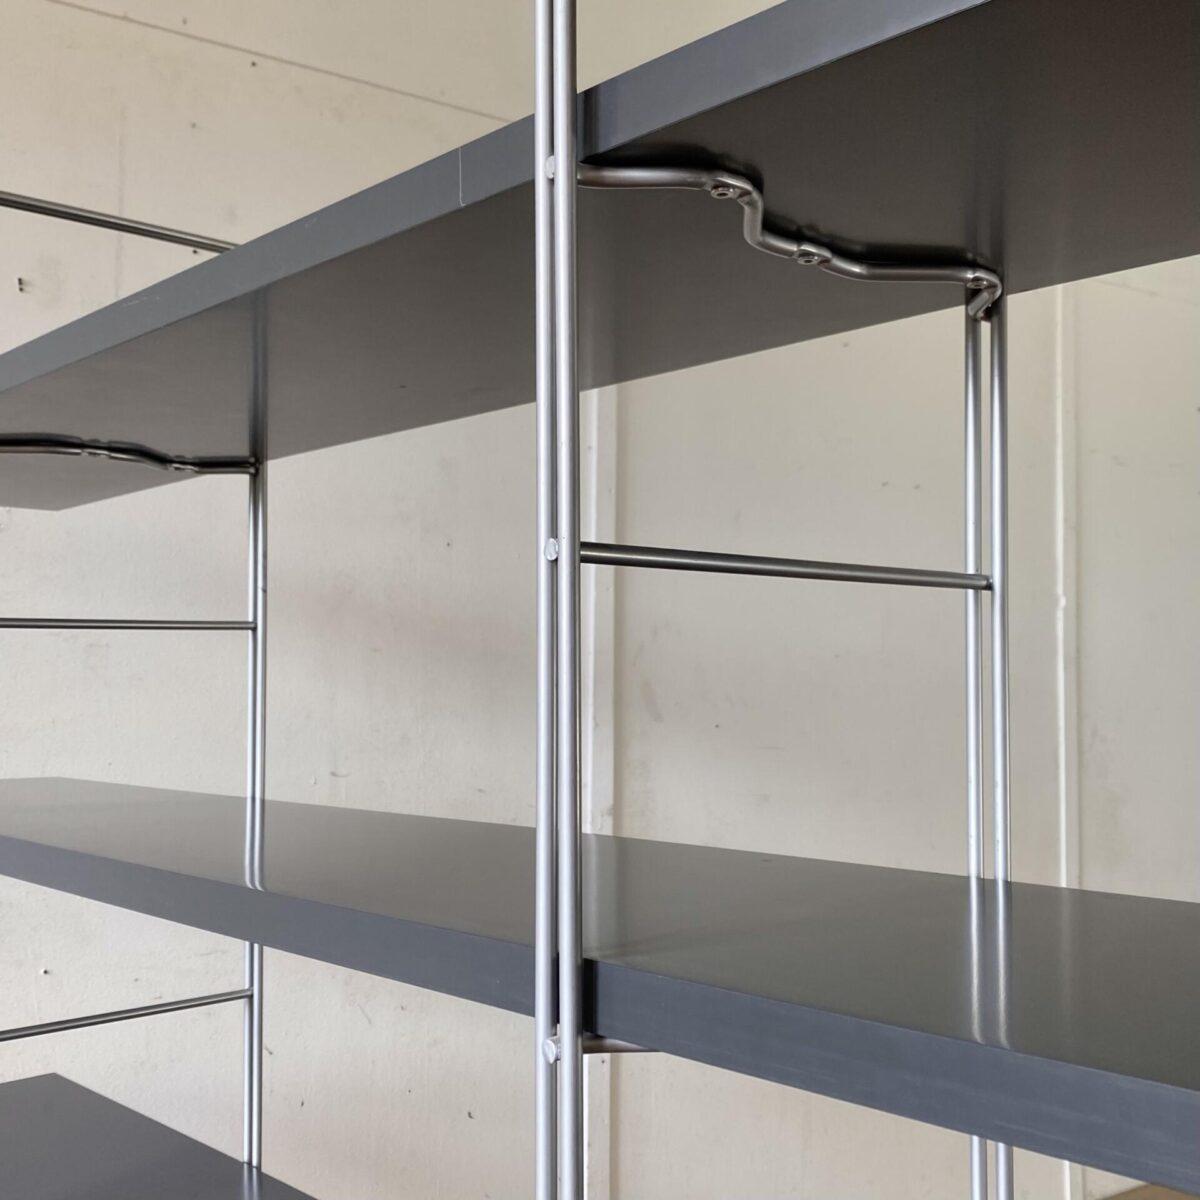 Deuxieme.shop. Vintage Regal von Niels Gammelgard für Ikea, aus den 80er Jahren. 170x33cm Höhe 159cm der oberste Regal Boden ist 140cm ab Boden. Das Bücherregal ist in gutem allgemein Zustand, ein Regal Boden ist an einer Ecke etwas aufgeplatzt. Die Regalstützen sind aus Metall, silbrig lackiert, mit Nivellierfüssen.